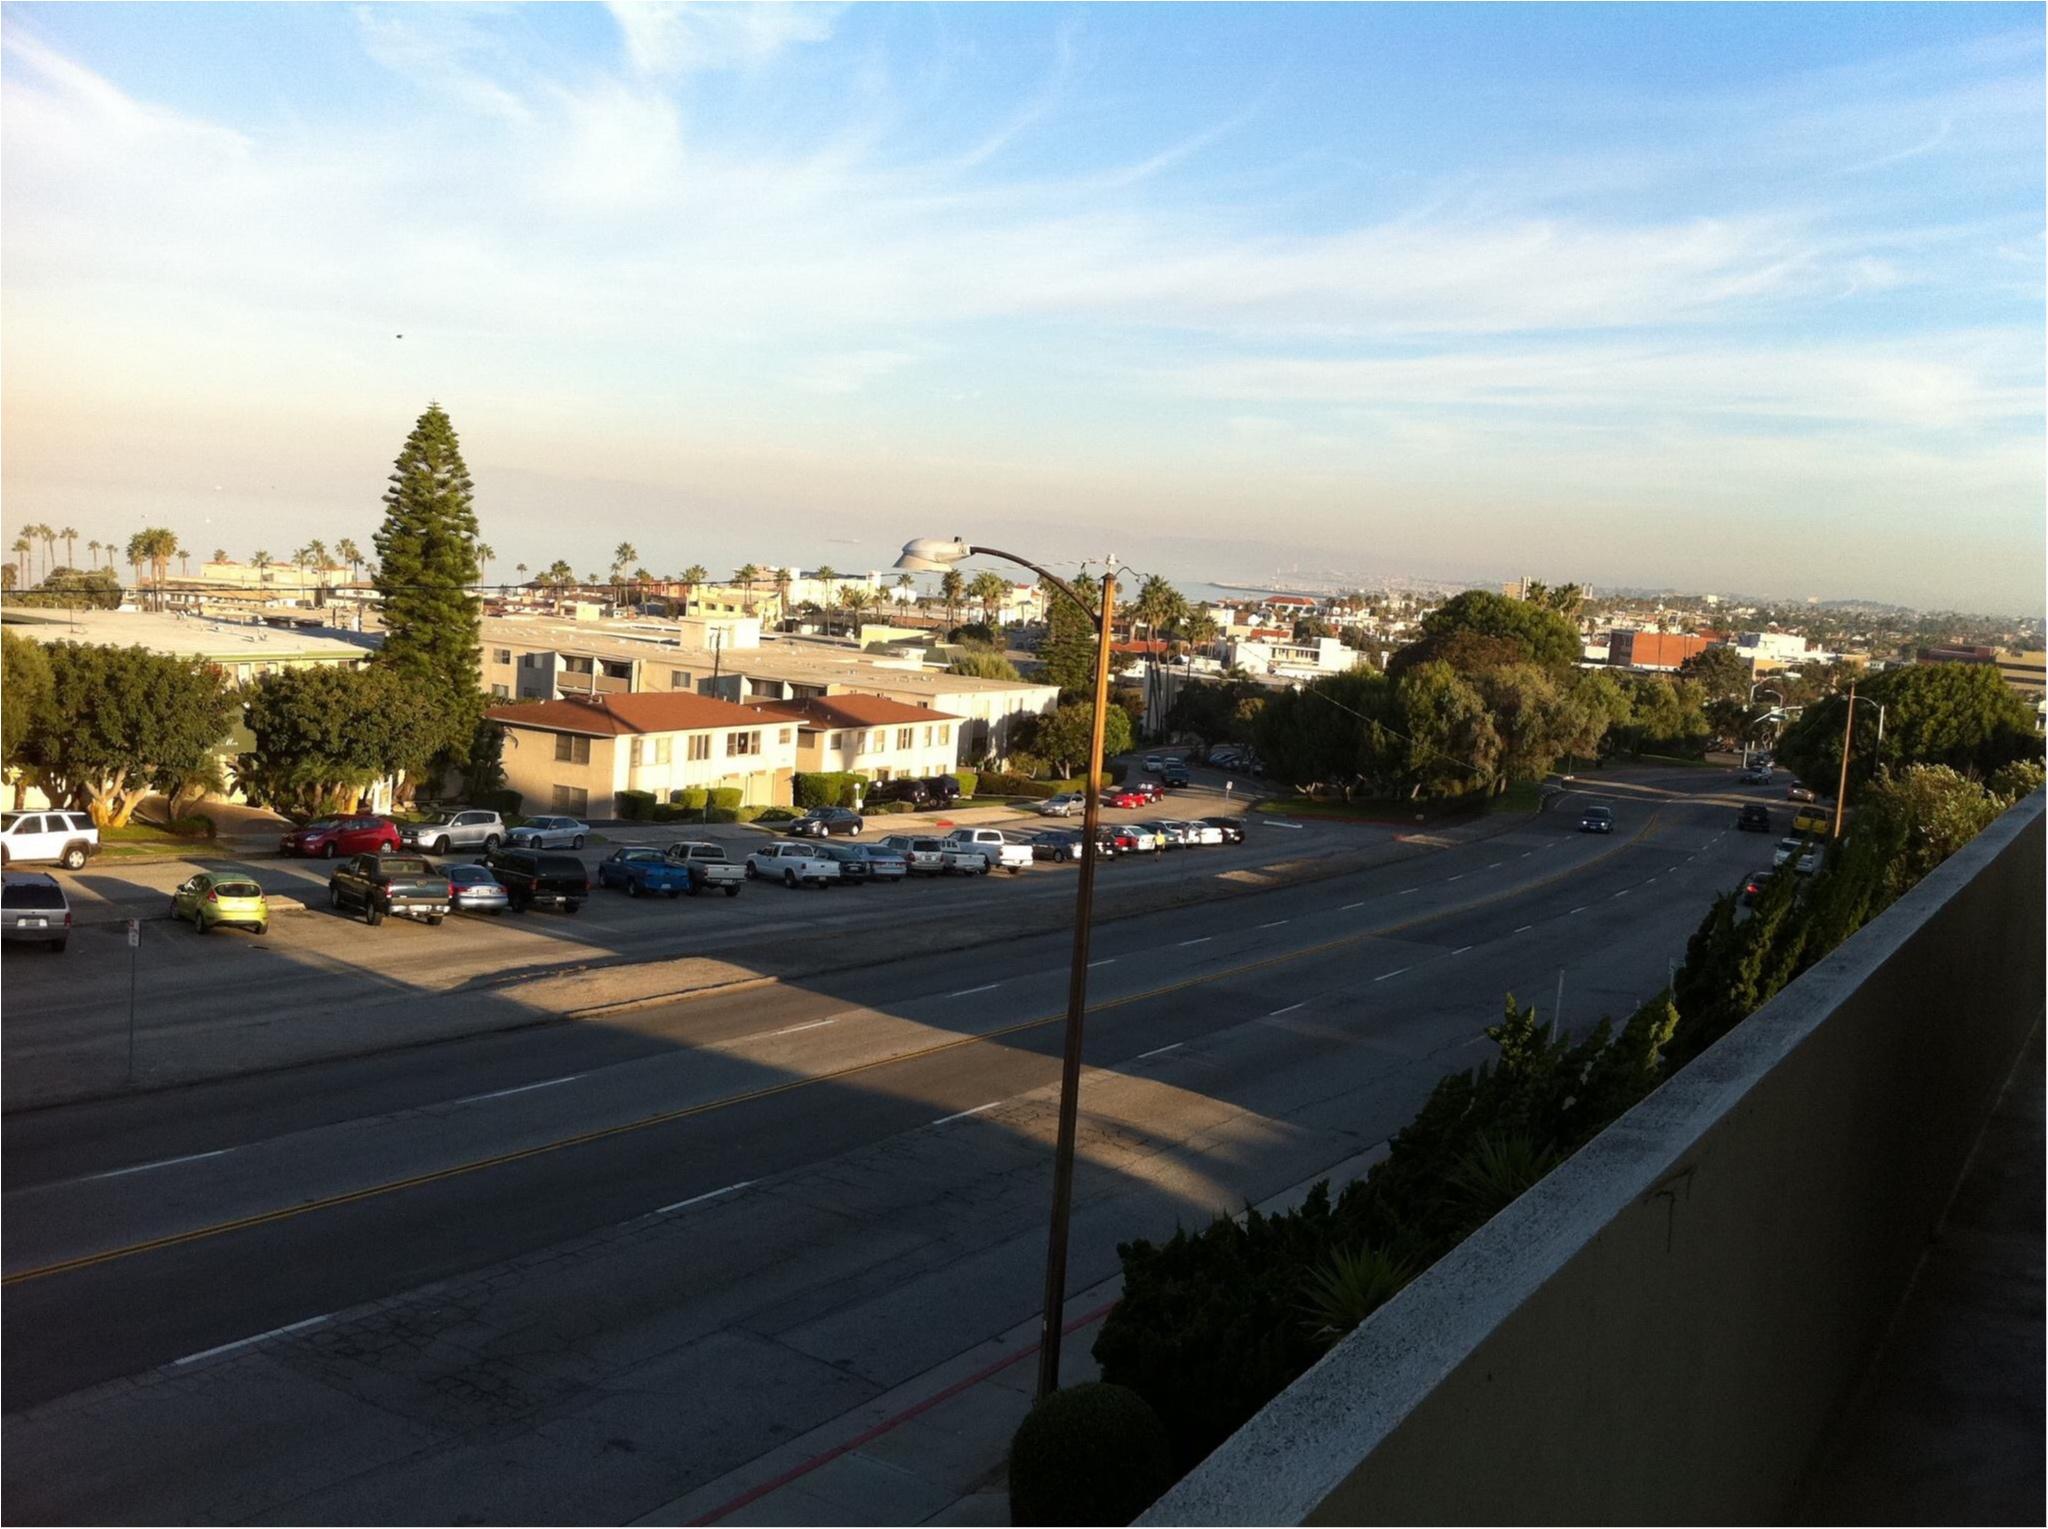 写真でも、きっと伝わるこの魅力✨朝から晩まで眺めた《*ロサンゼルスの広い空*》_4